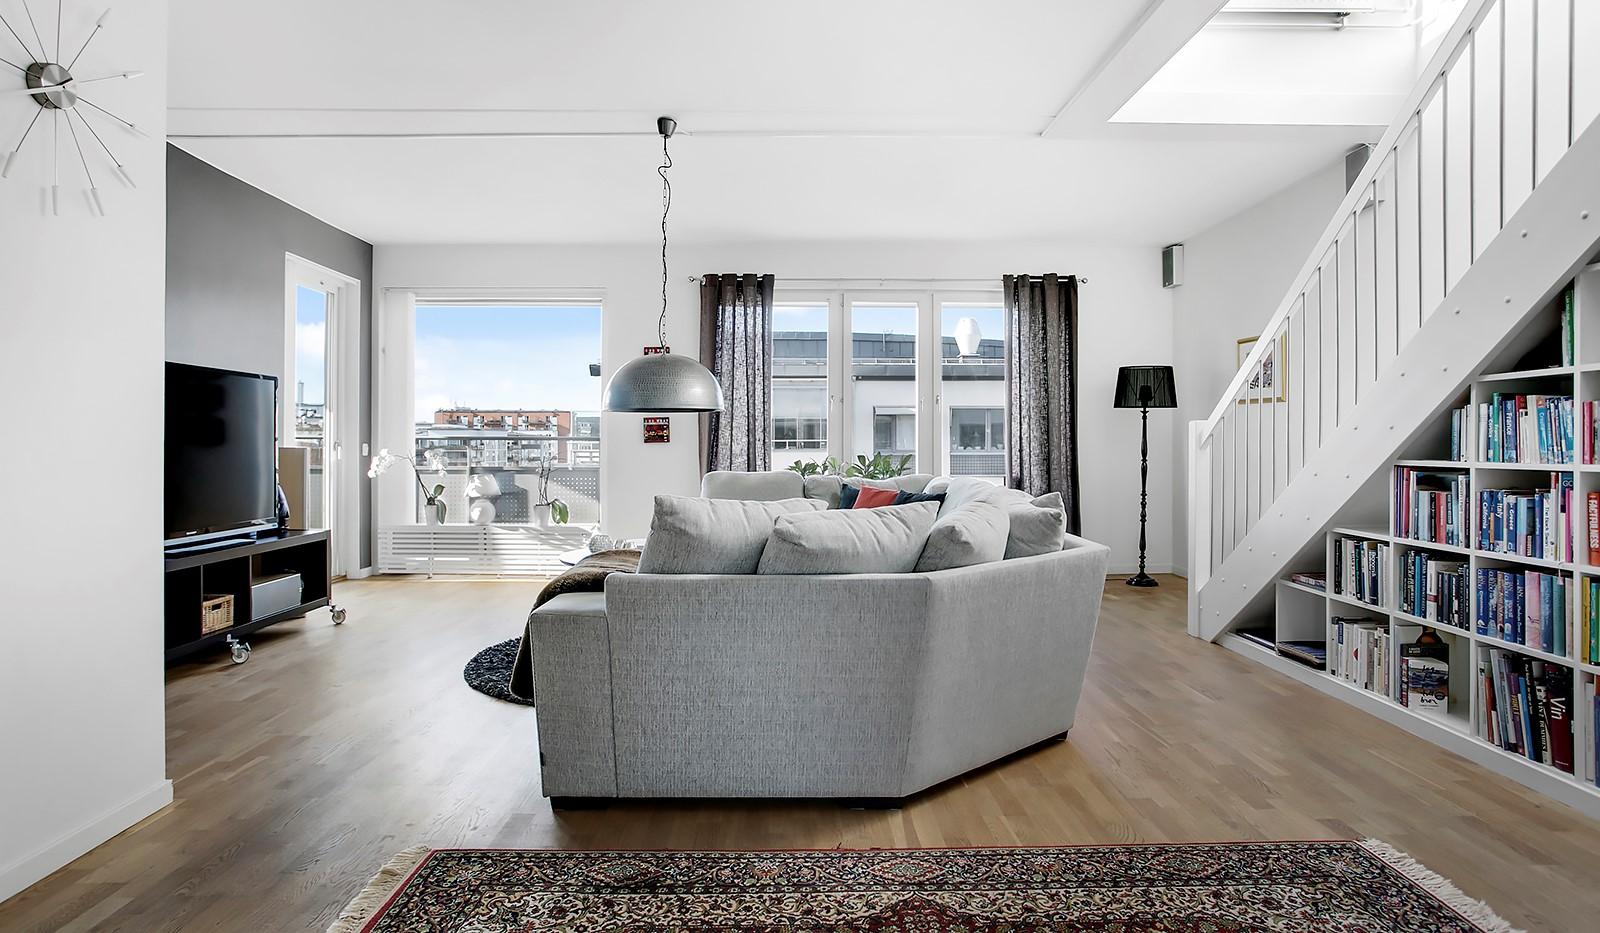 Sickla Kanalgata 64, vån 4 & 5 - Rymligt vardagsrum med plats för en ordentlig soffgrupp